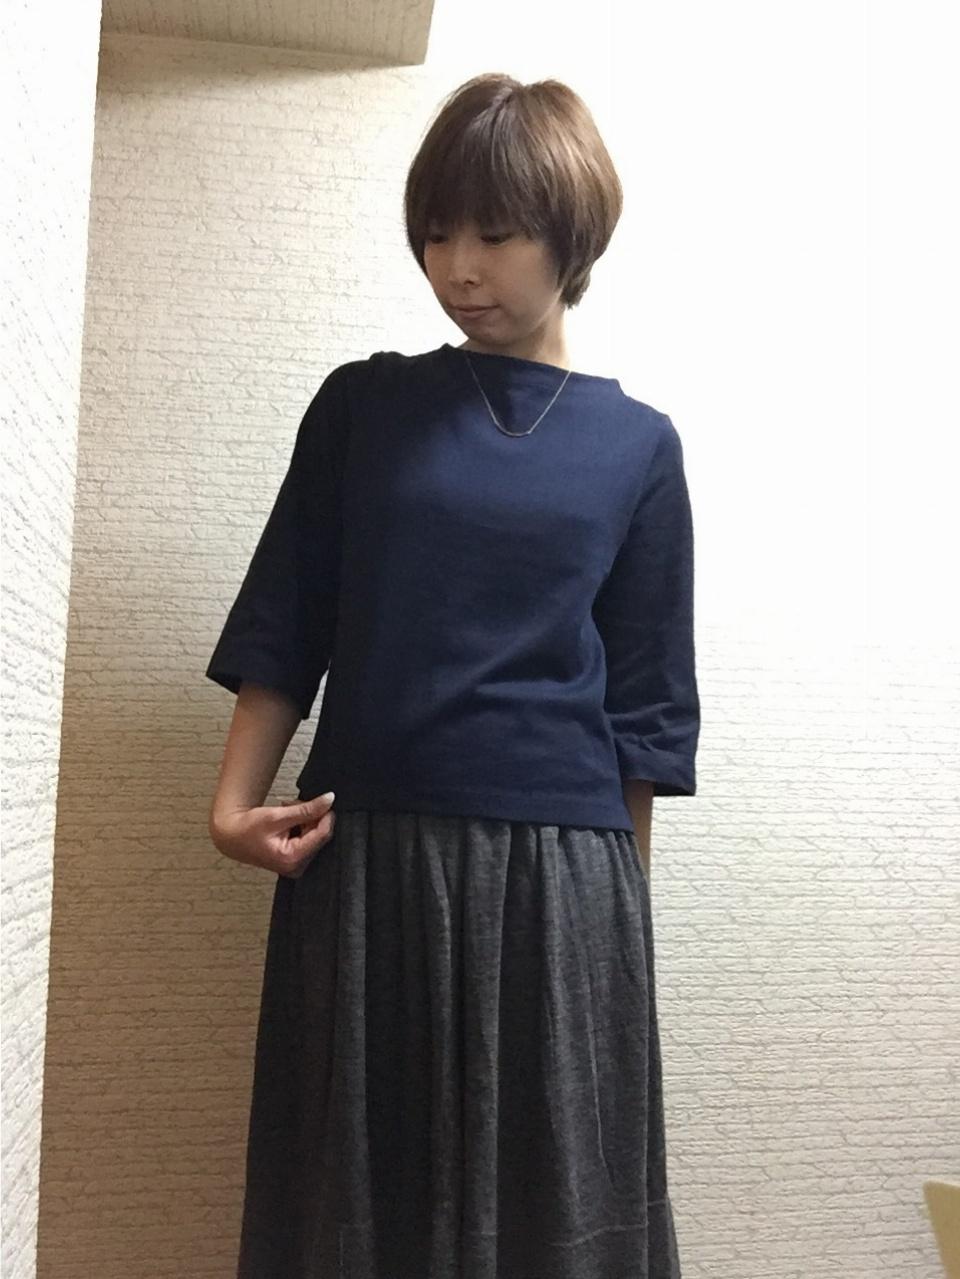 UNIQLO「ウルトラライトダウン」が軽くて暖かくて着やすい♡実質0円でカットソーもGET☆_1